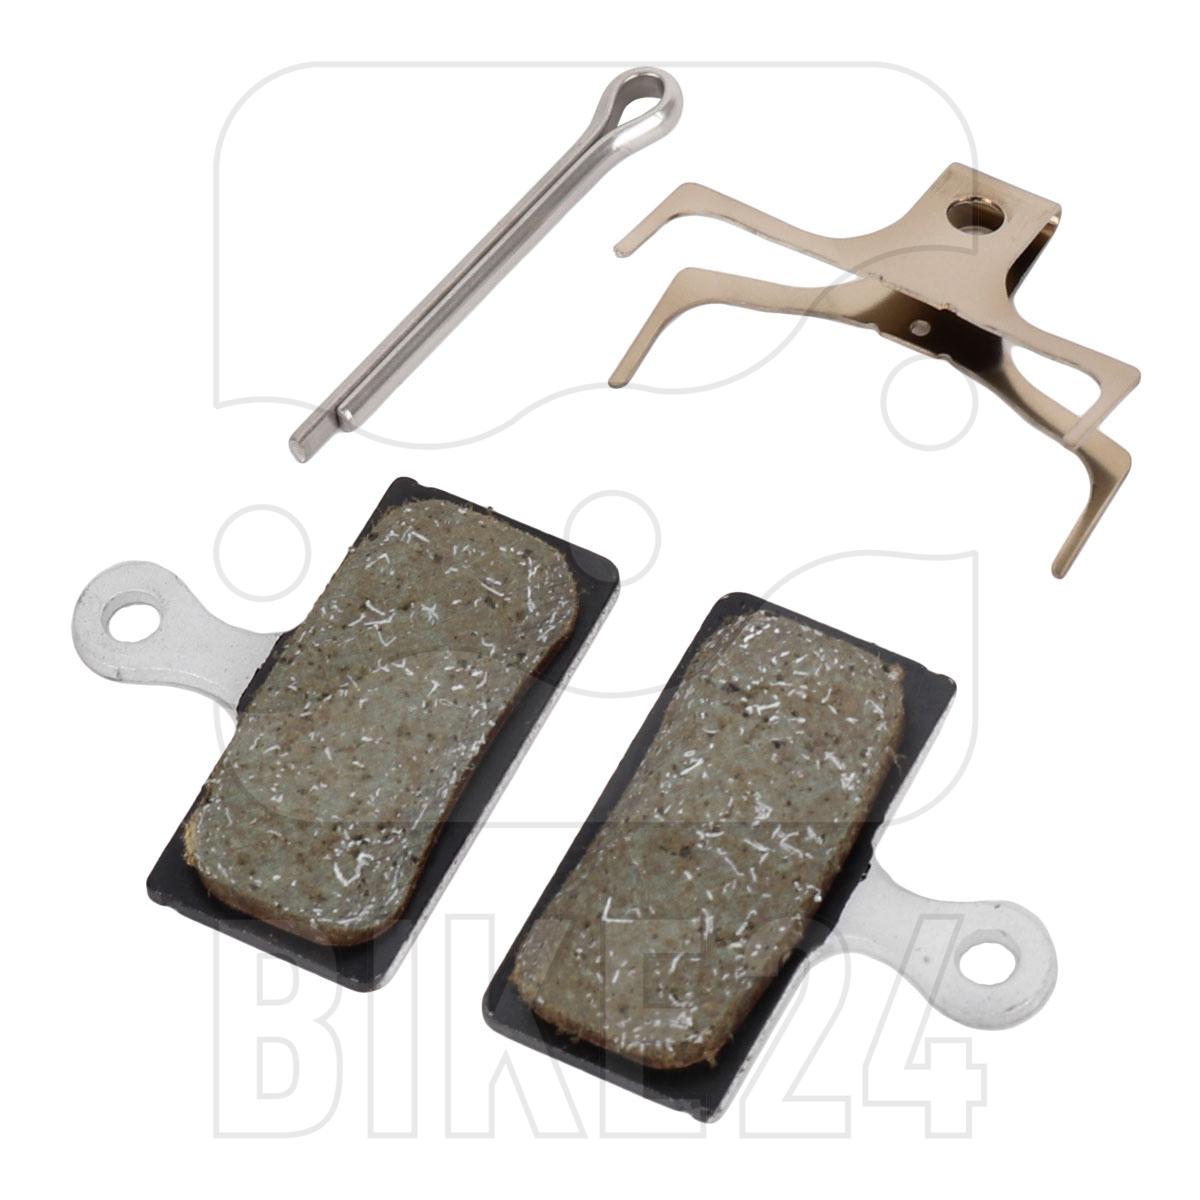 Shimano Disc Brake Pads - G03A Resin